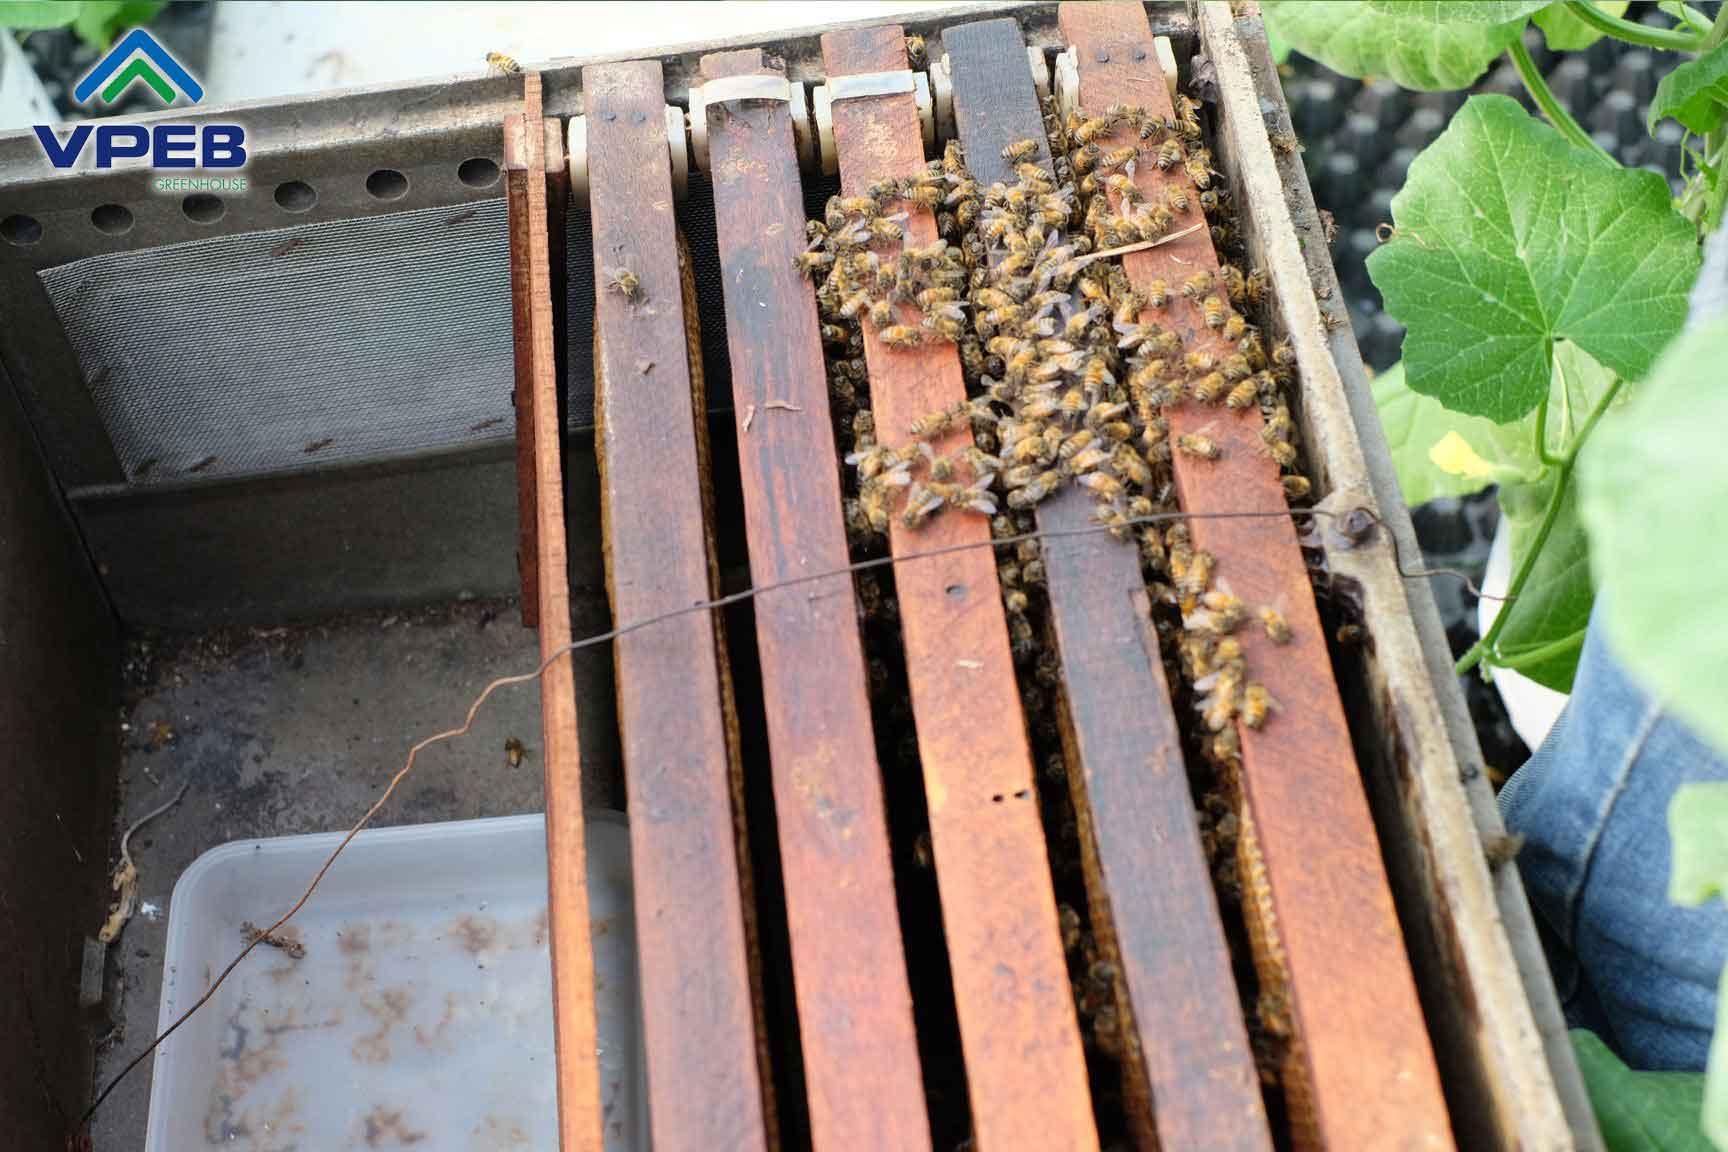 Nơi chứa ong và mật ong thu được từ việc hút mật hoa